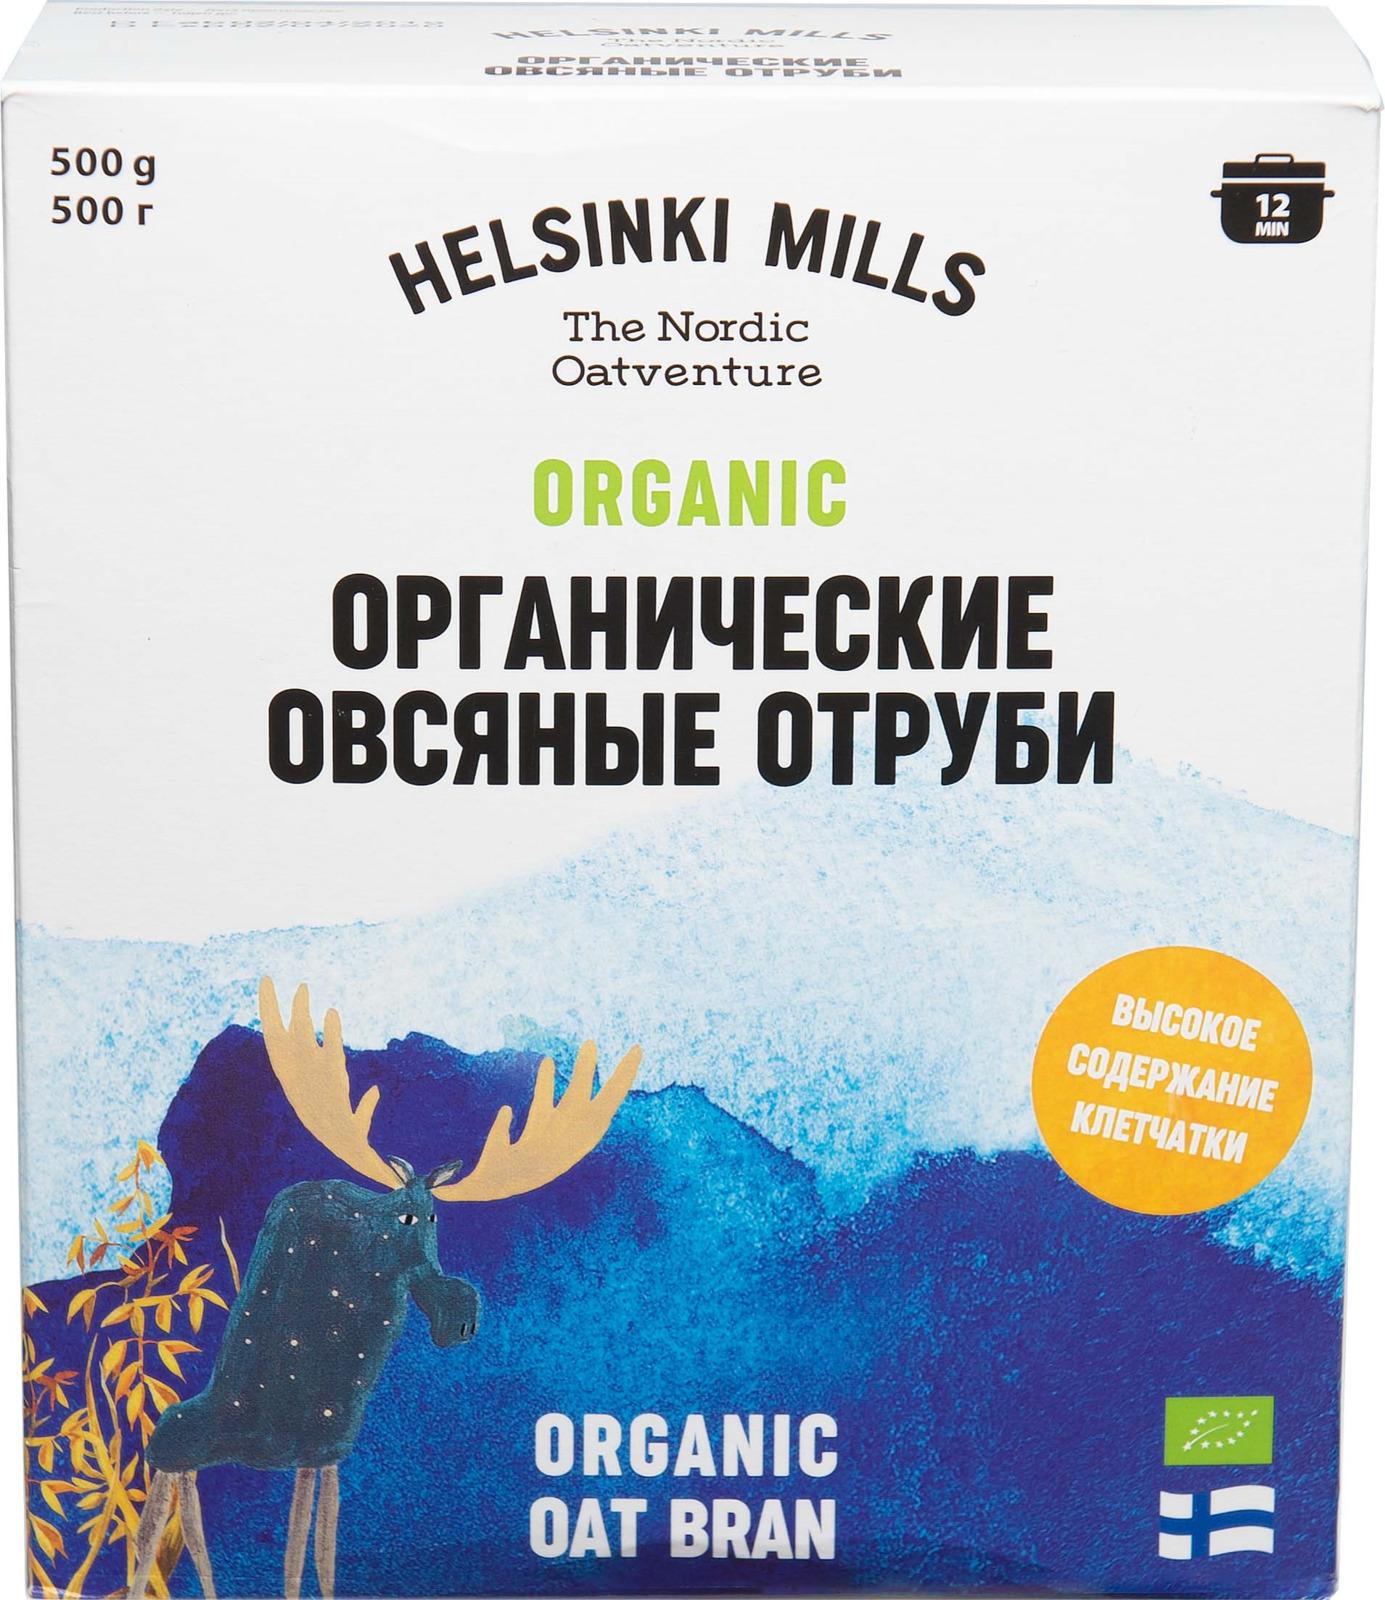 Органические овсяные отруби Helsinki Mills, 500 г